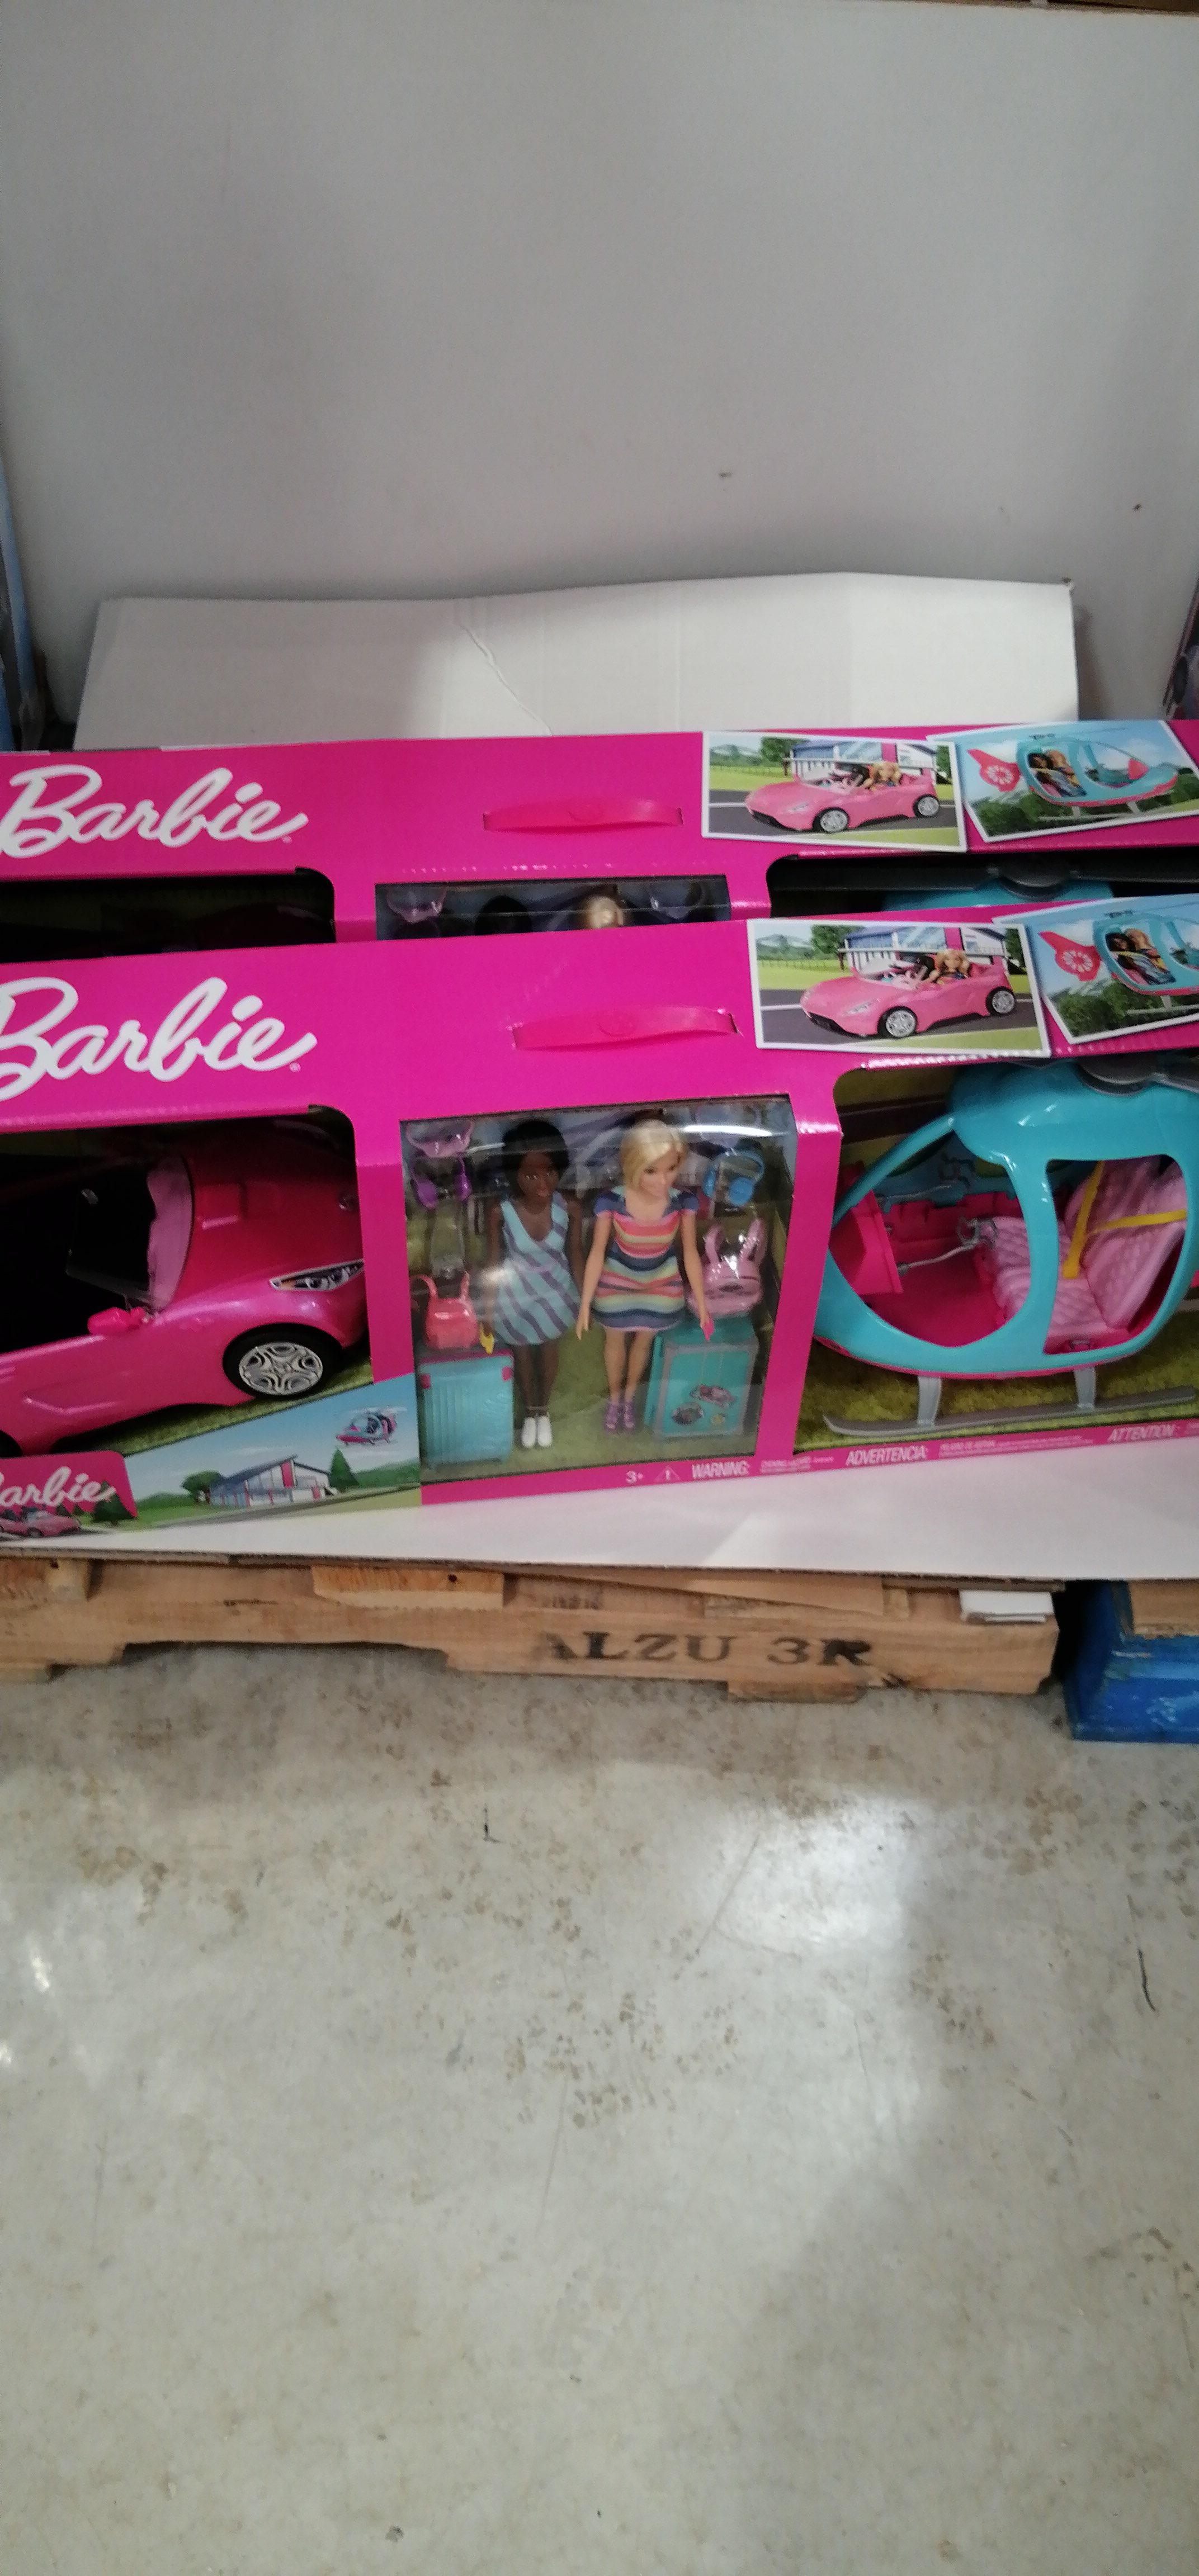 Costco: Barbie helicóptero y coche a 999